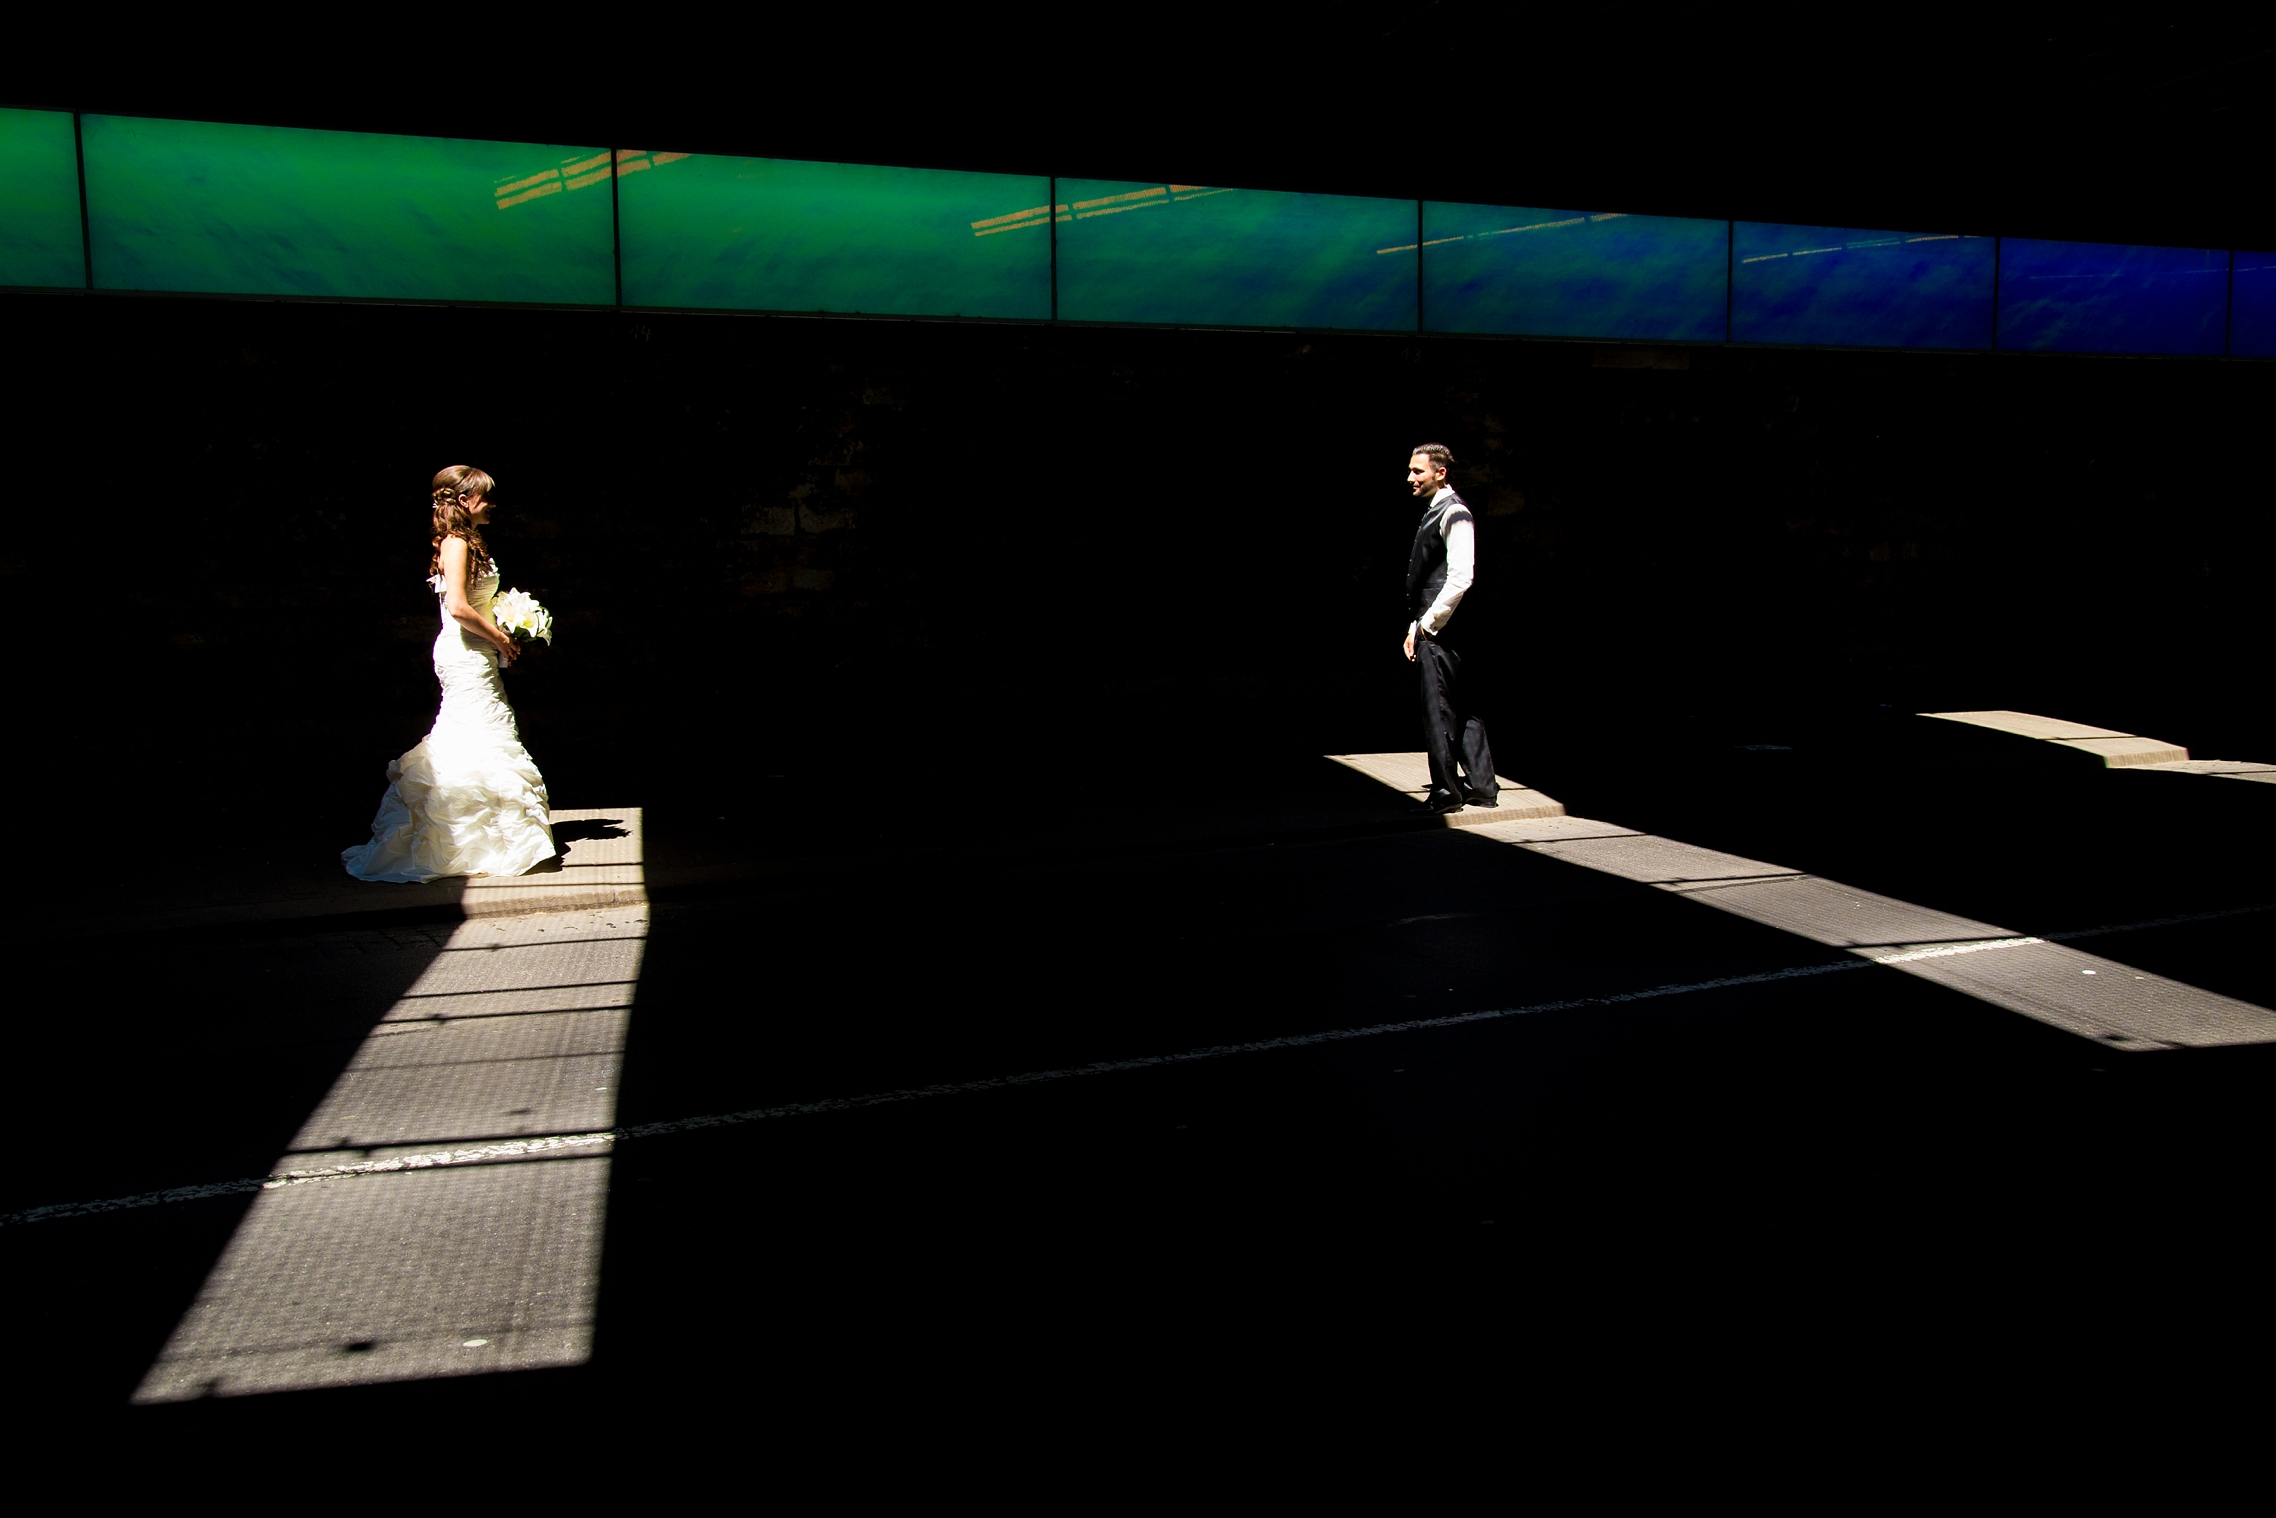 hochzeitsfotograf mainz Ausgefallenes Hochzeitsfoto Mainz Bahnunterfuehrung